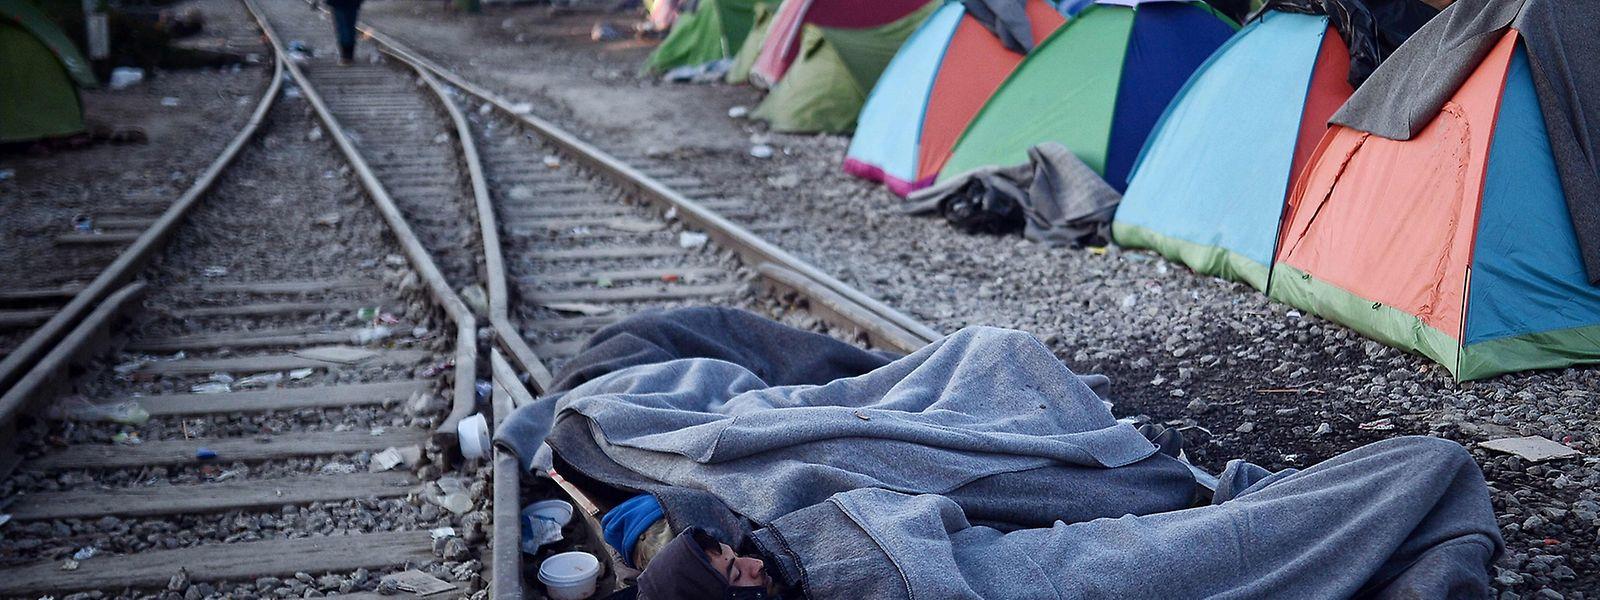 Aus Protest gegen die EU-Beschlüsse schlafen diese Flüchtlinge an der griechisch-mazedonischen Grenze auf den Gleisen.